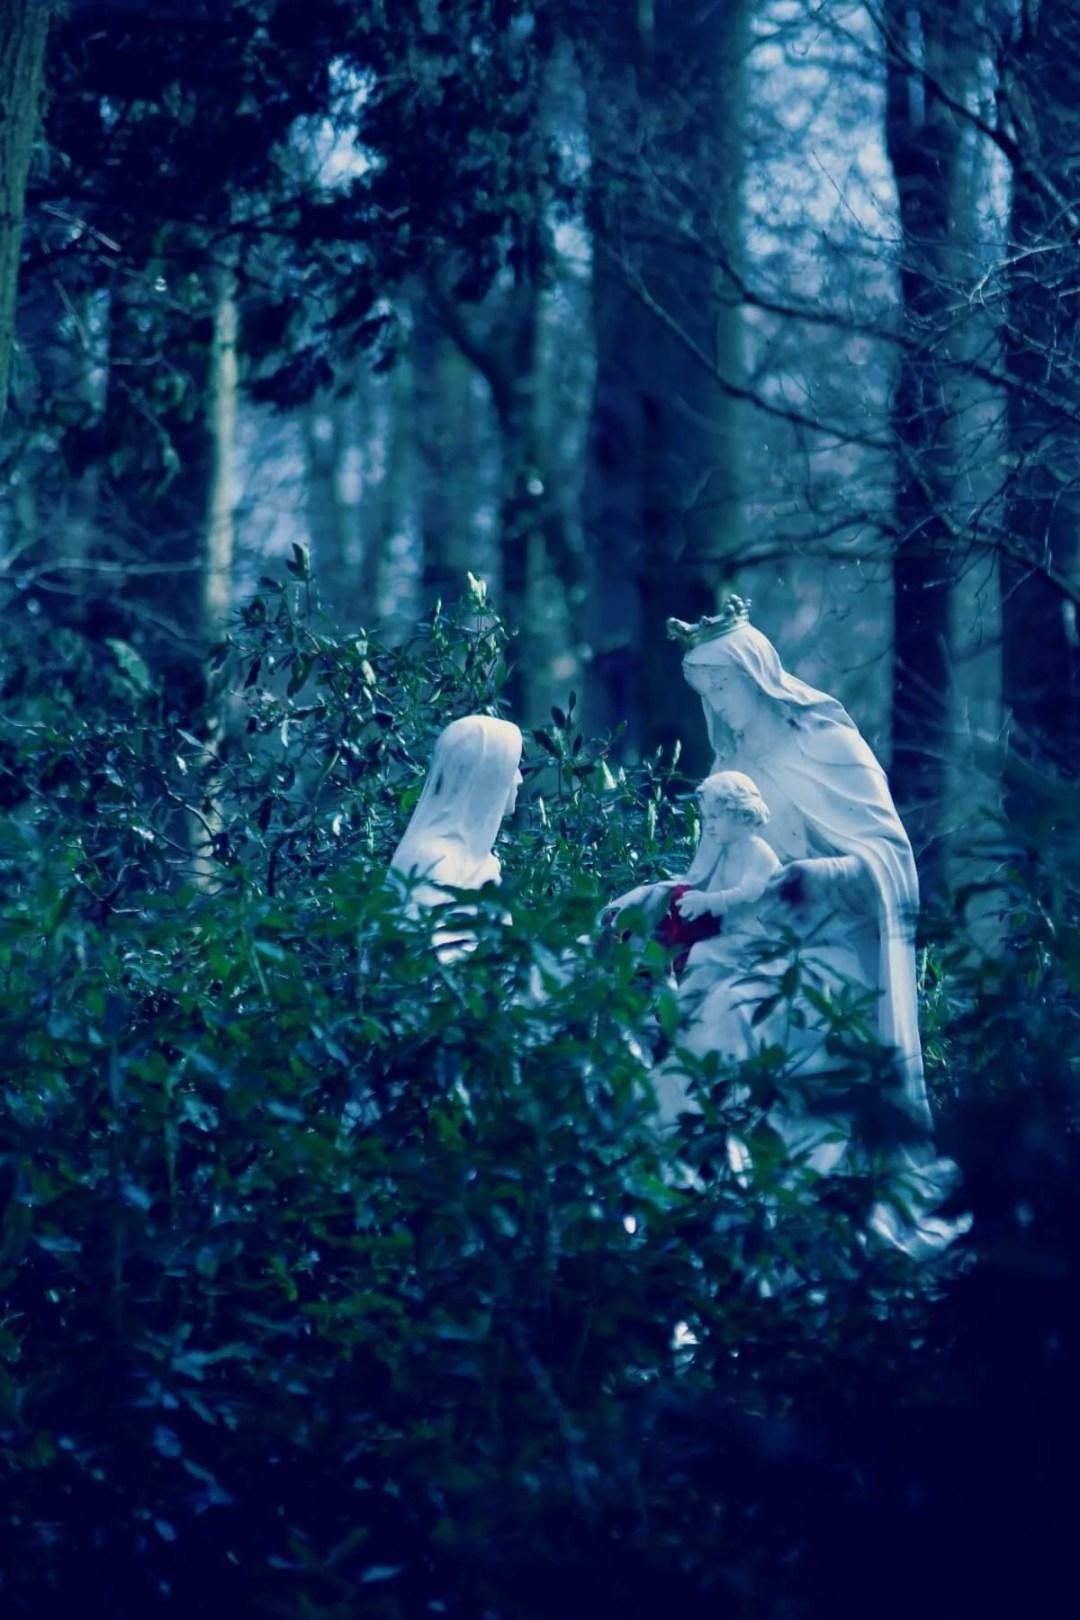 heilige beelden in een park